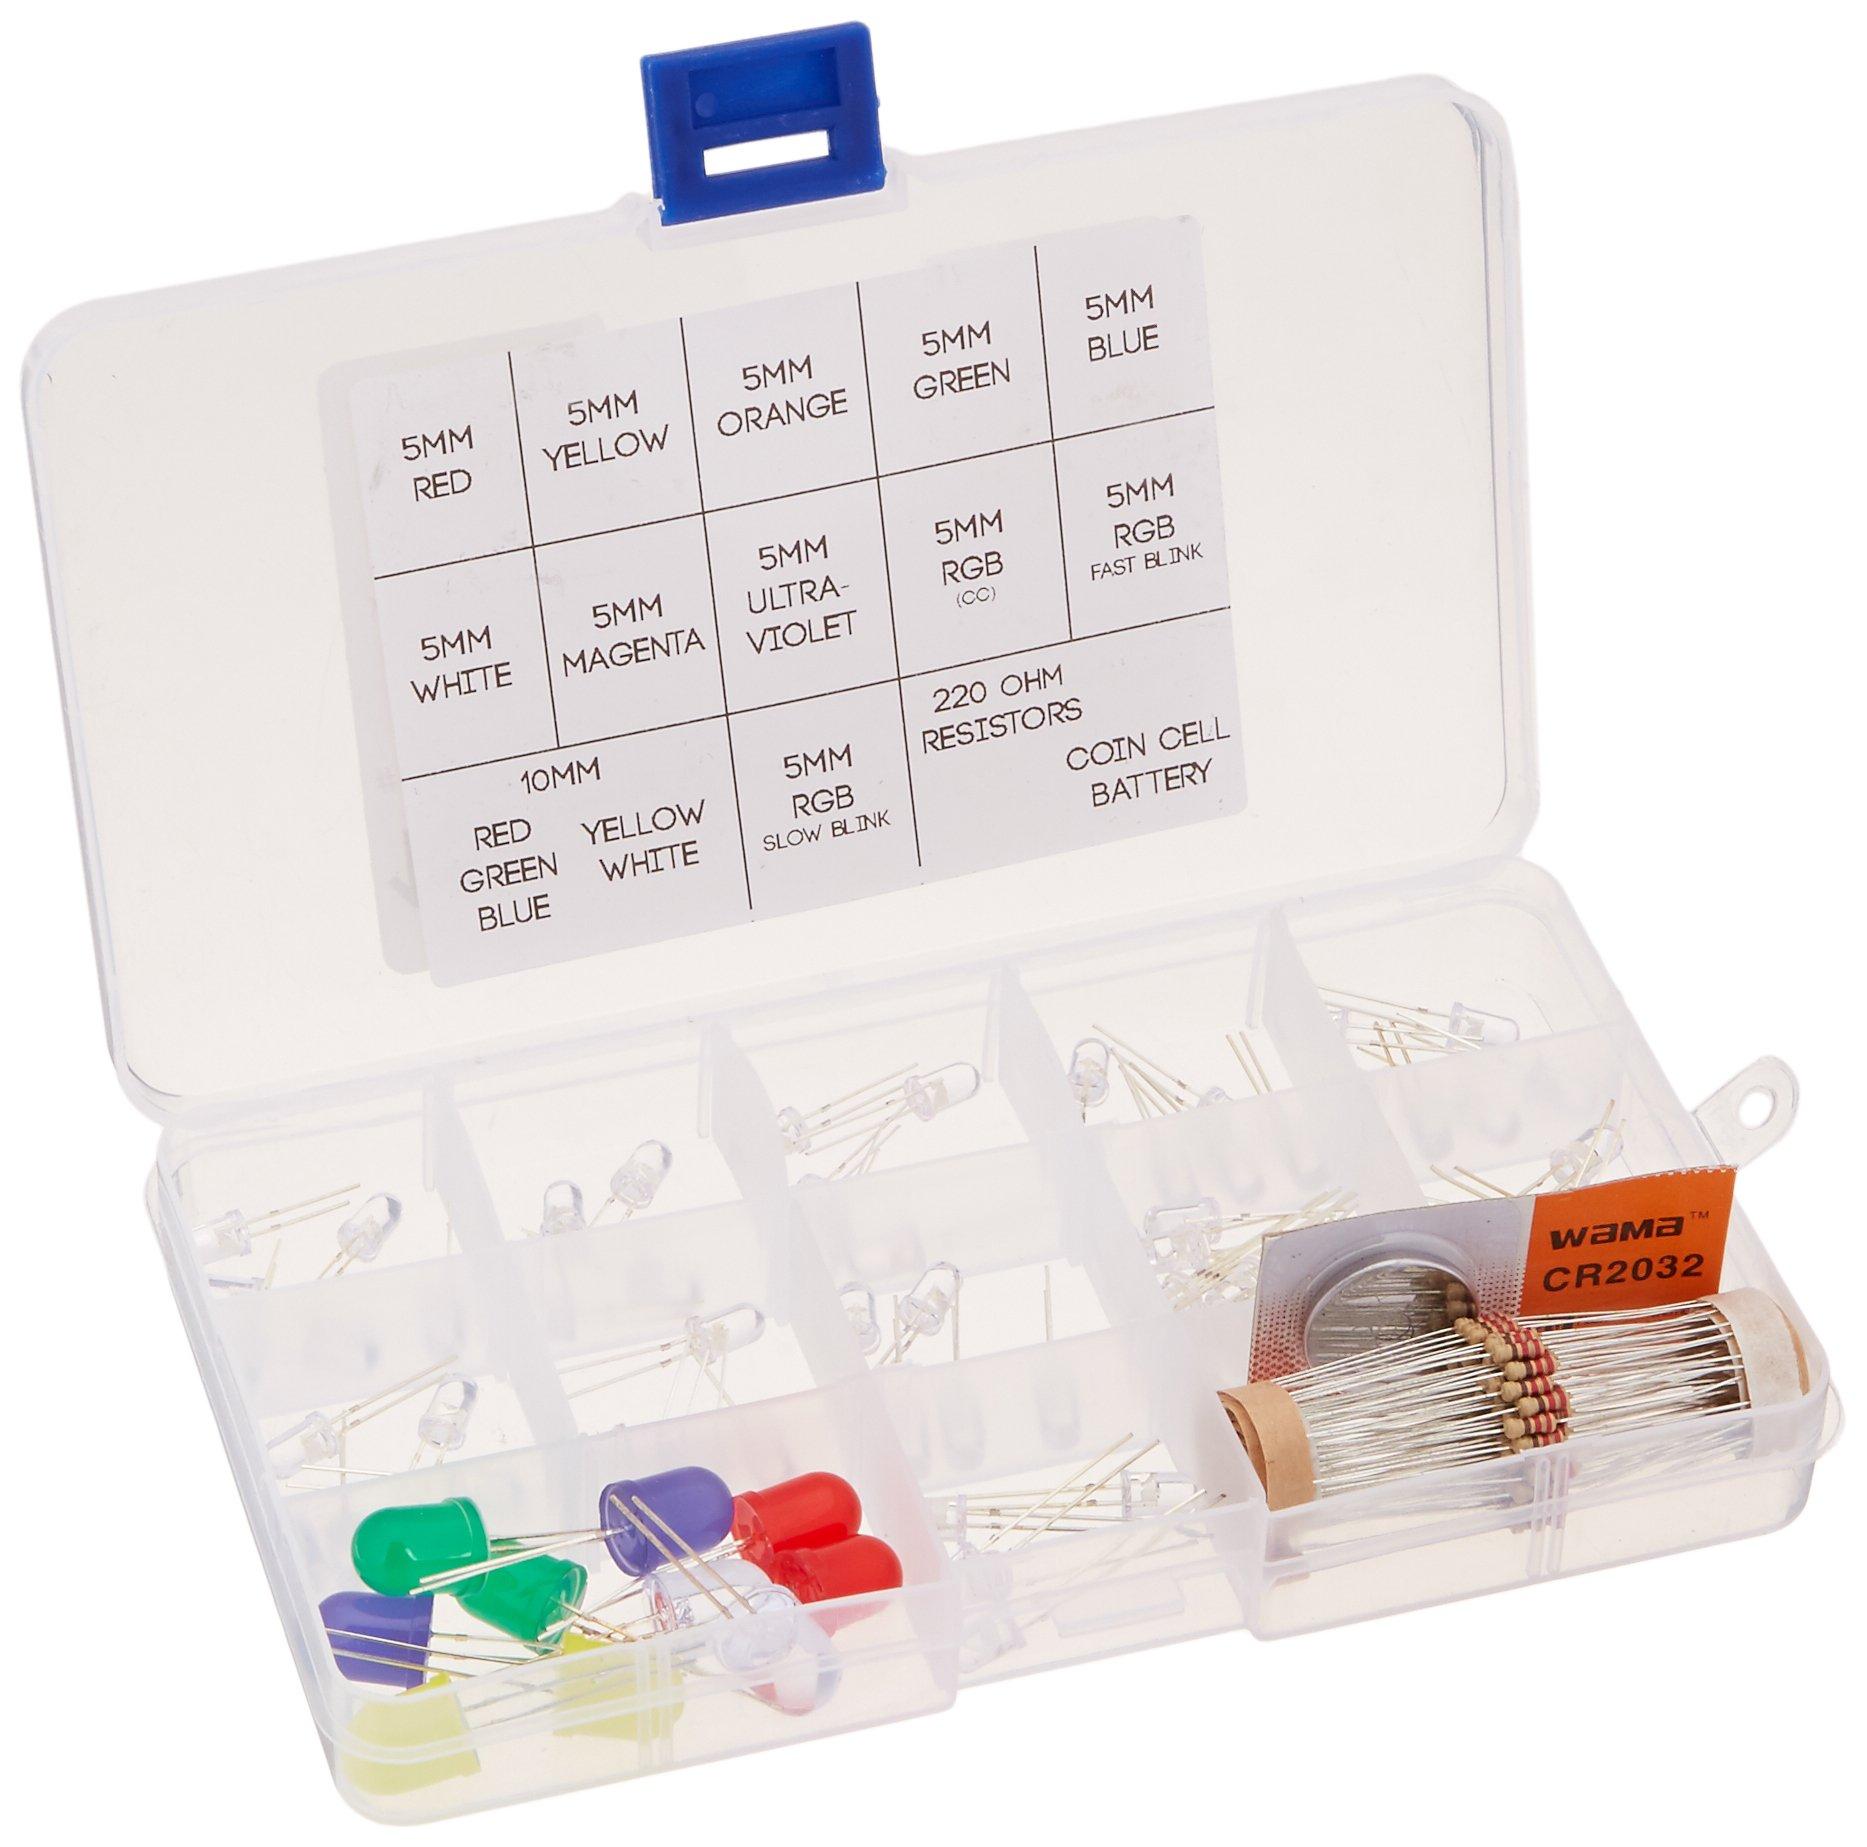 16Hertz Ultimate LED Kit - 65 pcs - 5mm, 10mm, RGB, Red, Blue, Green, White, Magenta, Orange, UV, Fast & Slow Blinking, Coin Cell Battery and Resistors for Arduino & Raspberry pi